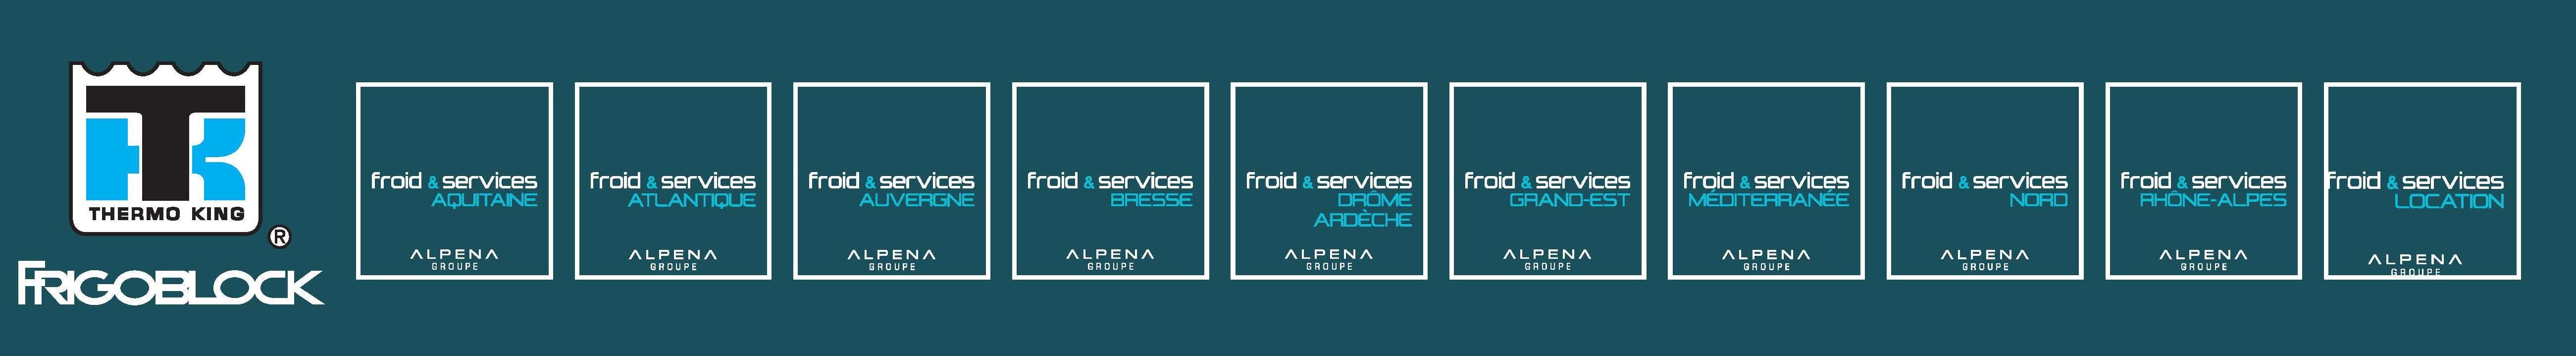 Empresa FROID ET SERVICES